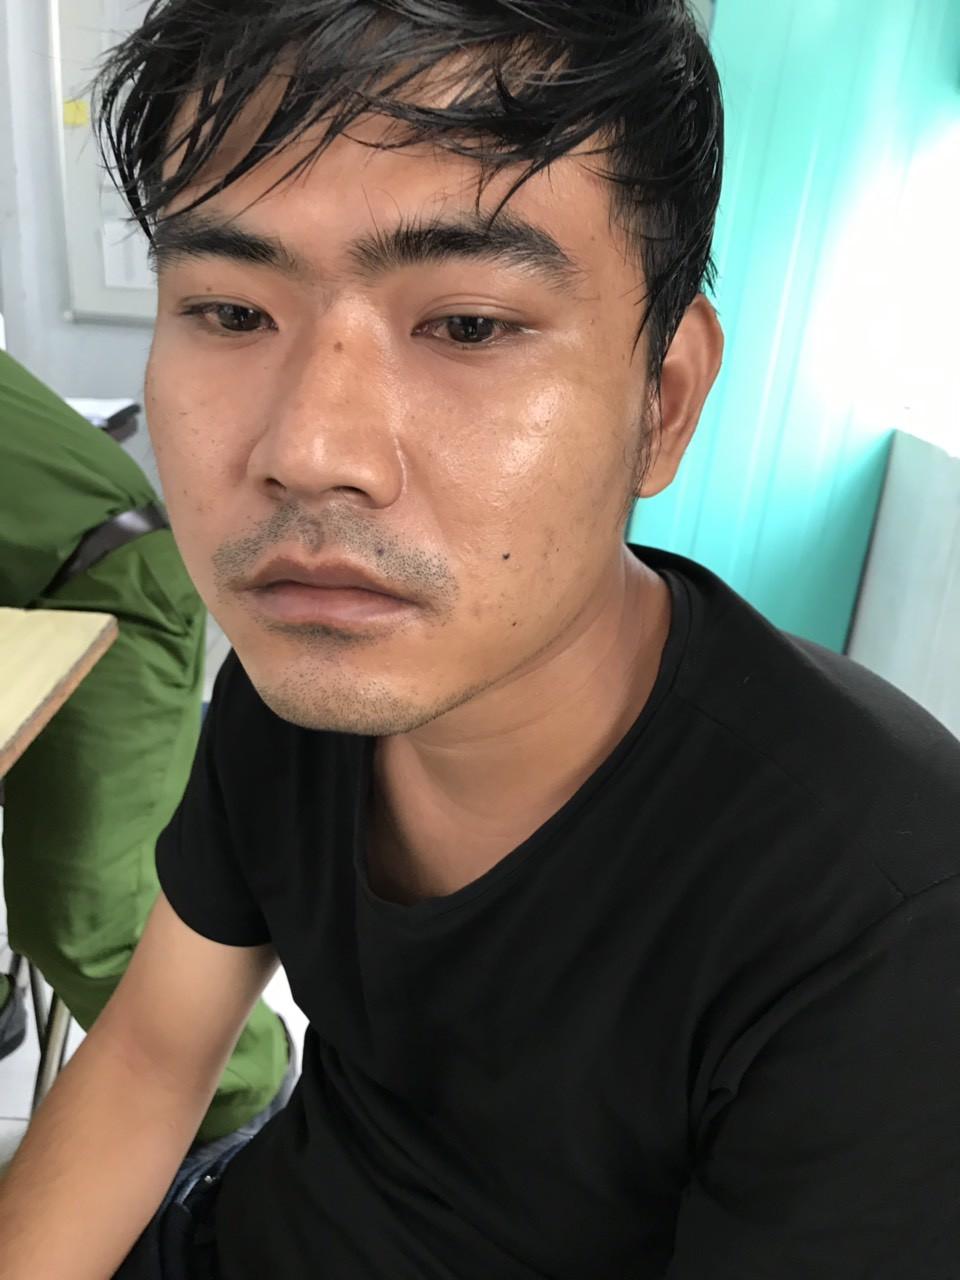 Lời khai của nam thanh niên sát hại bạn gái ở Sài Gòn: Do nạn nhân không chịu cưới sau khi phát sinh mâu thuẫn-1